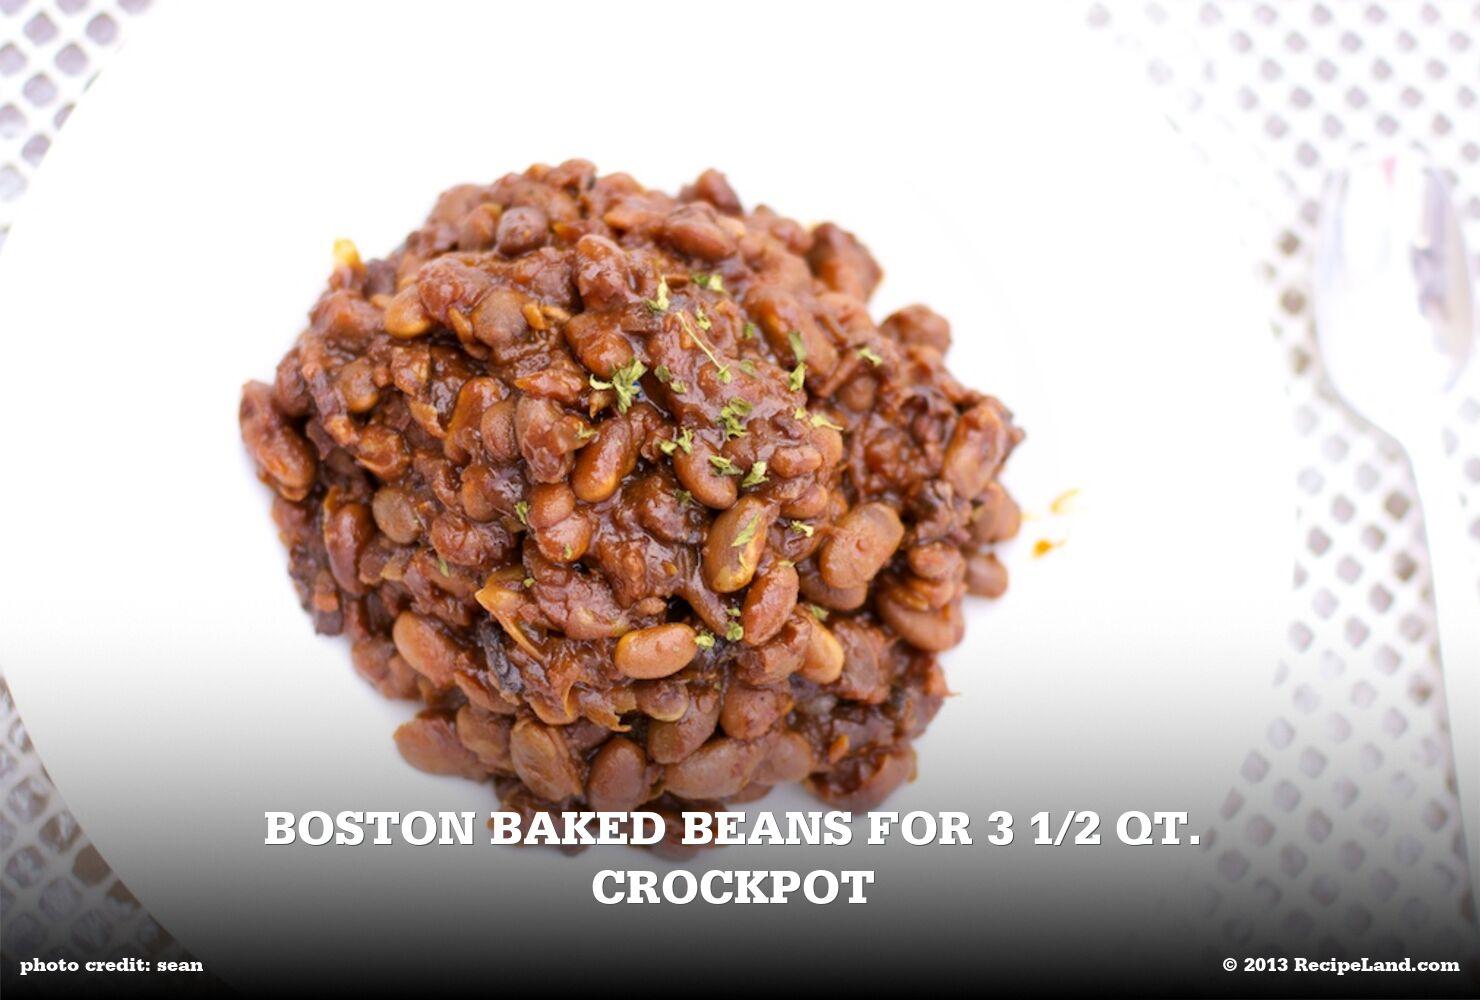 Boston Baked Beans For 3 1/2 Qt. Crockpot